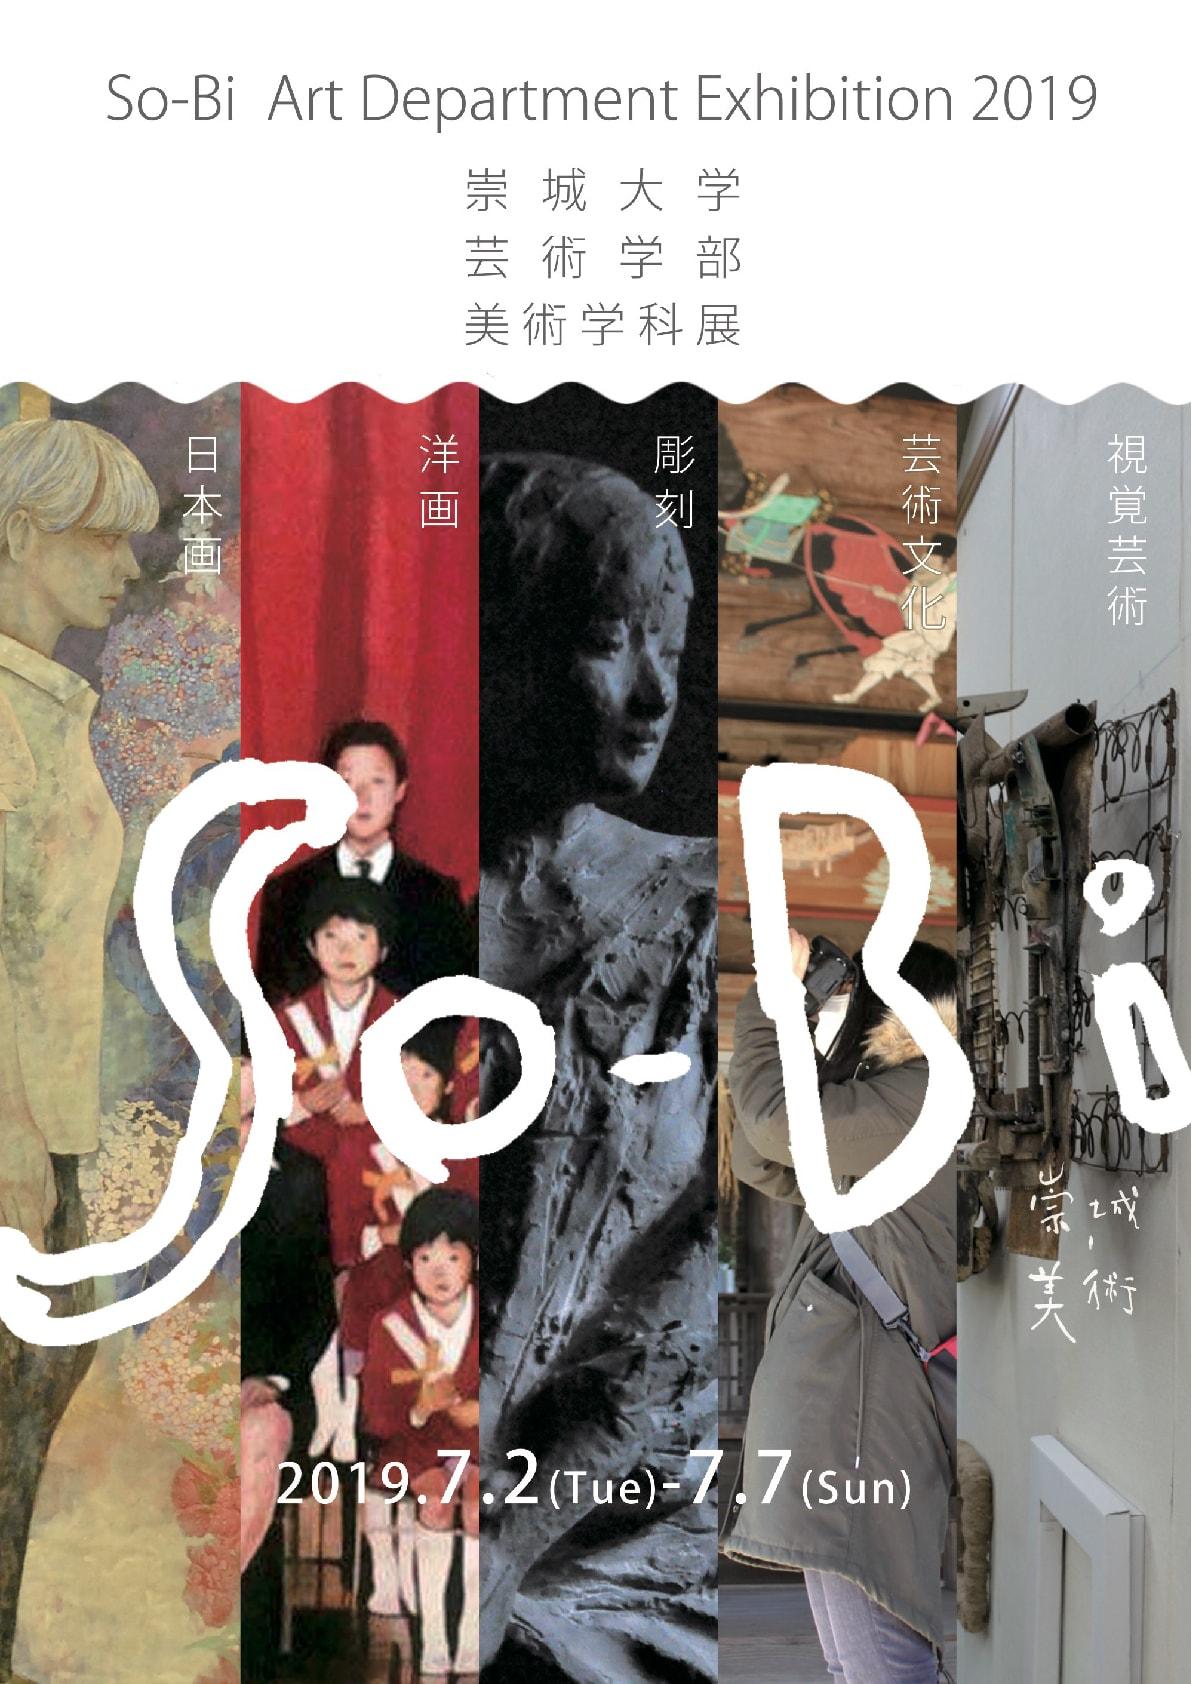 So-Bi Art Department Exhibition 2019 崇城大学芸術学部美術学科展チラシ1